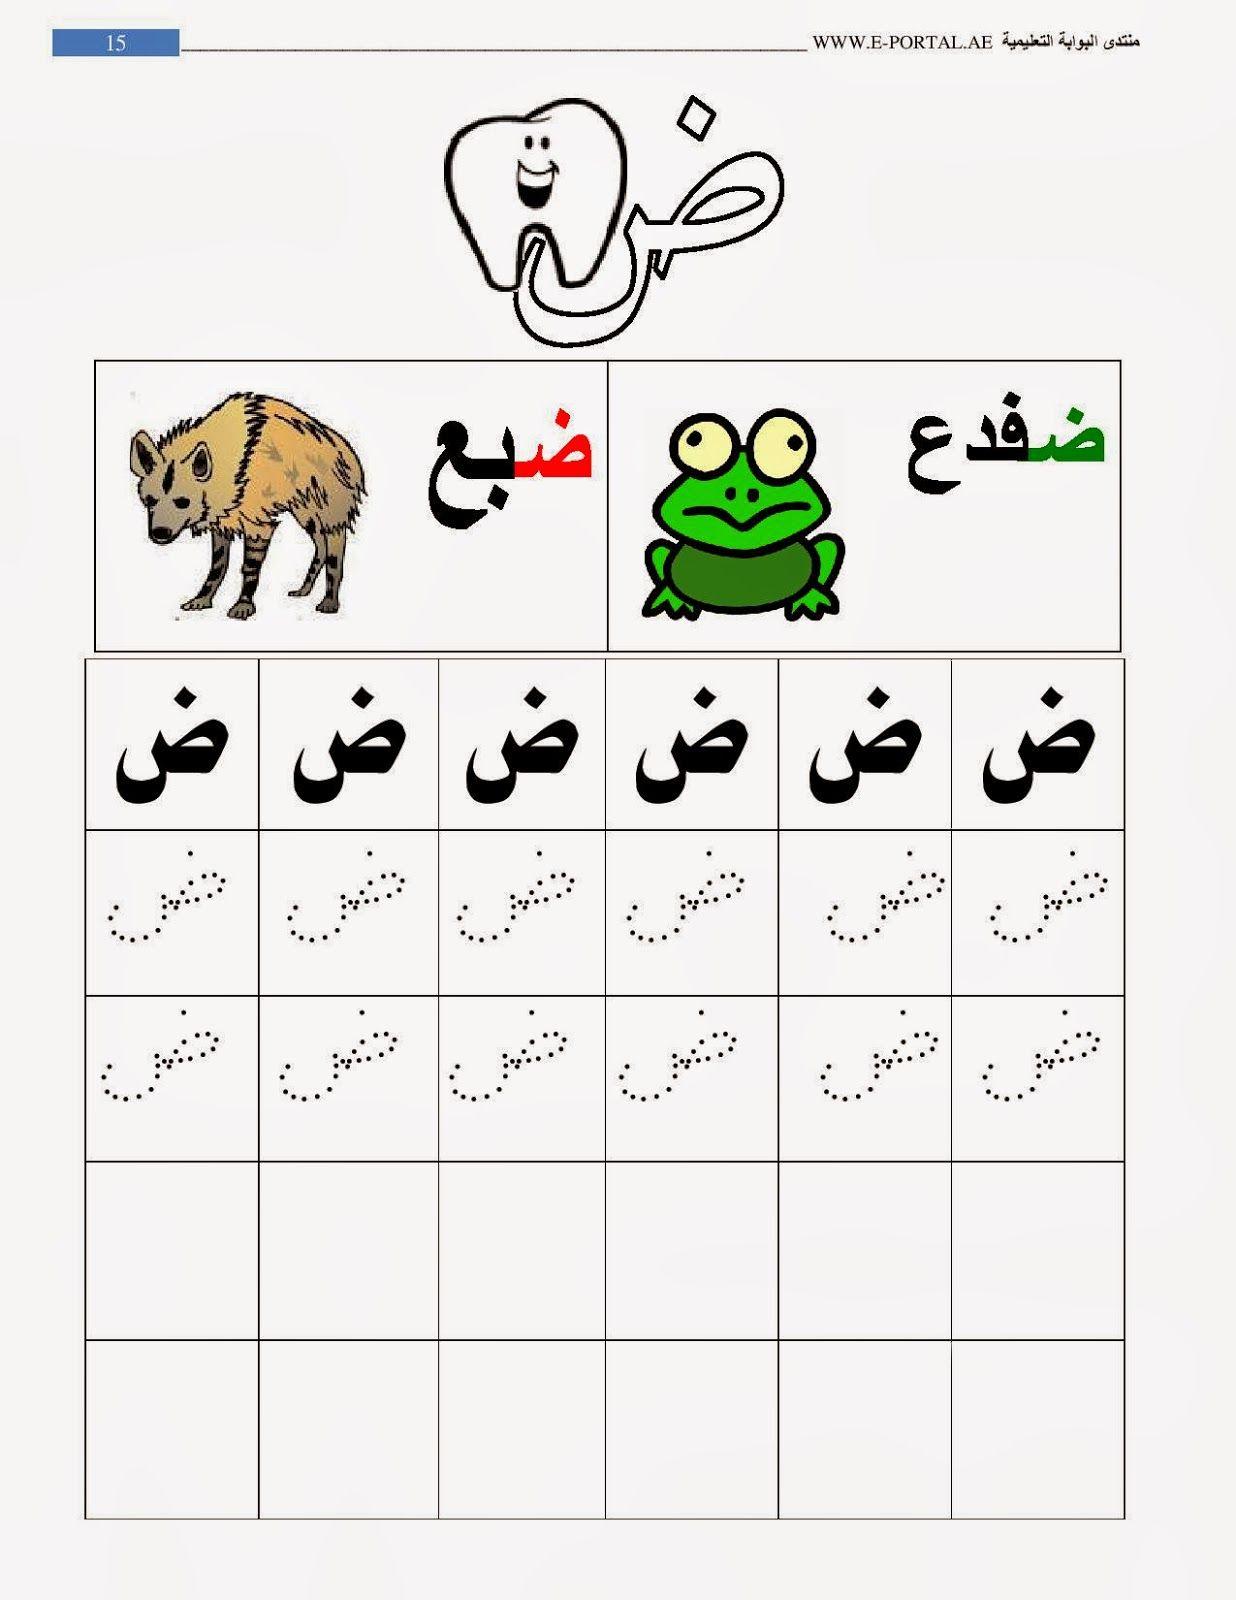 روضة العلم للاطفال كراسة حروف الهجاء Learn Arabic Alphabet Arabic Alphabet Arabic Kids